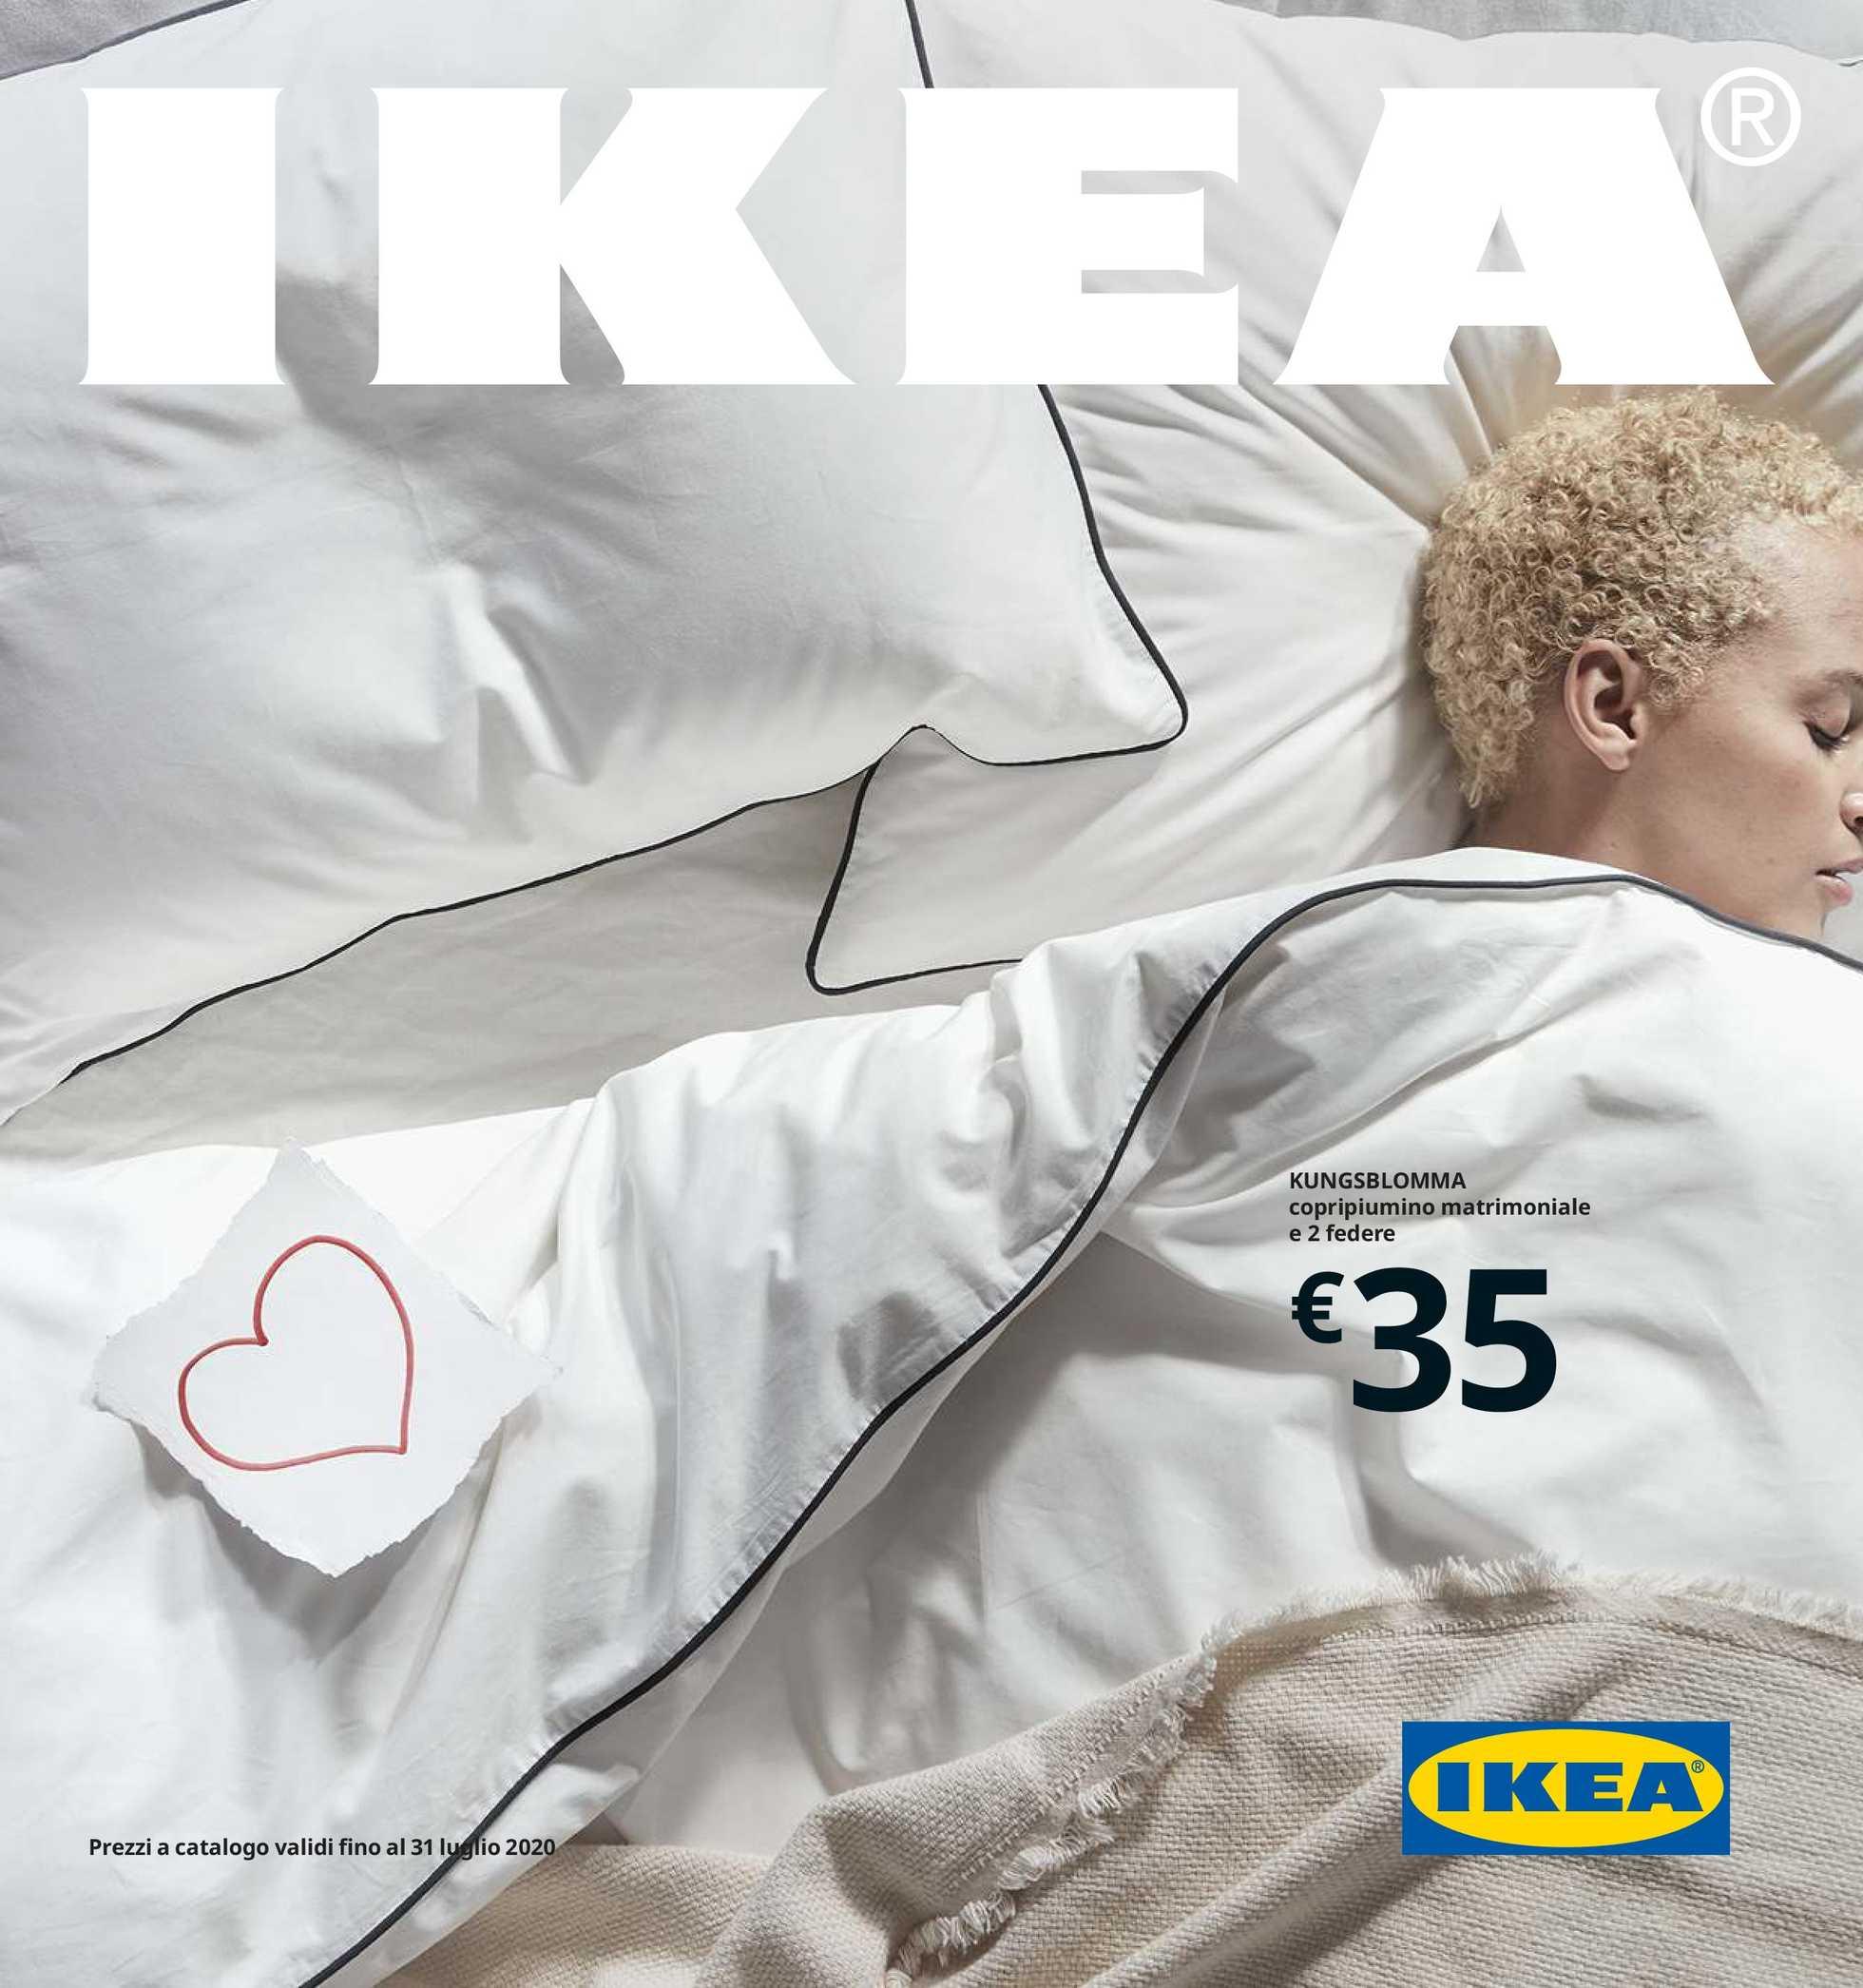 IKEA - offerte valide dal 22.08.2019 al 31.07.2020 - pagina 1.